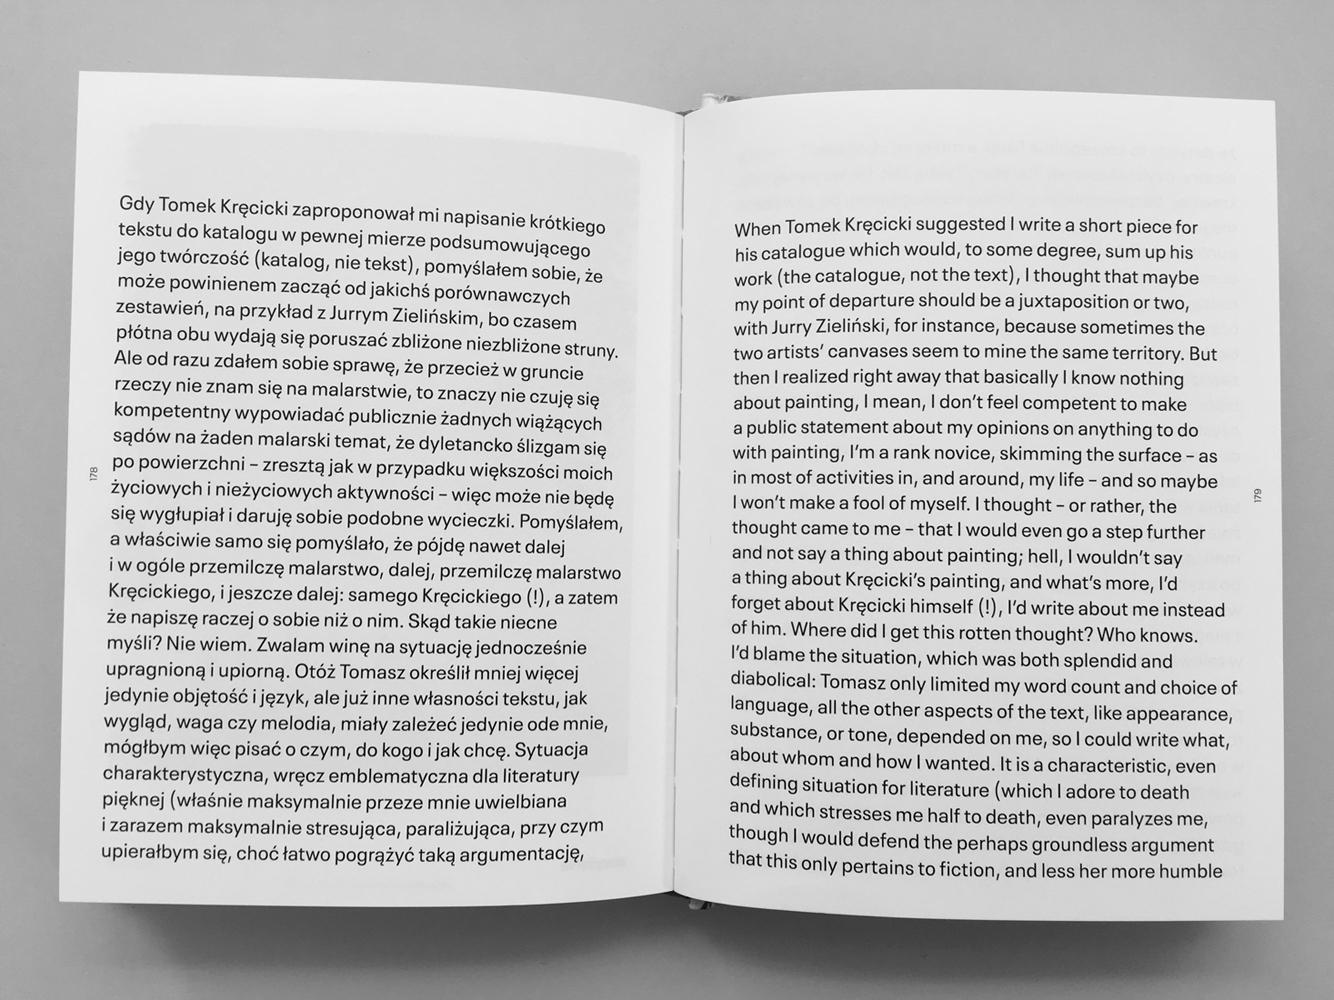 Łukasz Zawada – Gdy Tomek Kręcicki zaproponował mi napisanie krótkiego tekstu – When Tomek Kręcicki suggested I write a short piece – 1